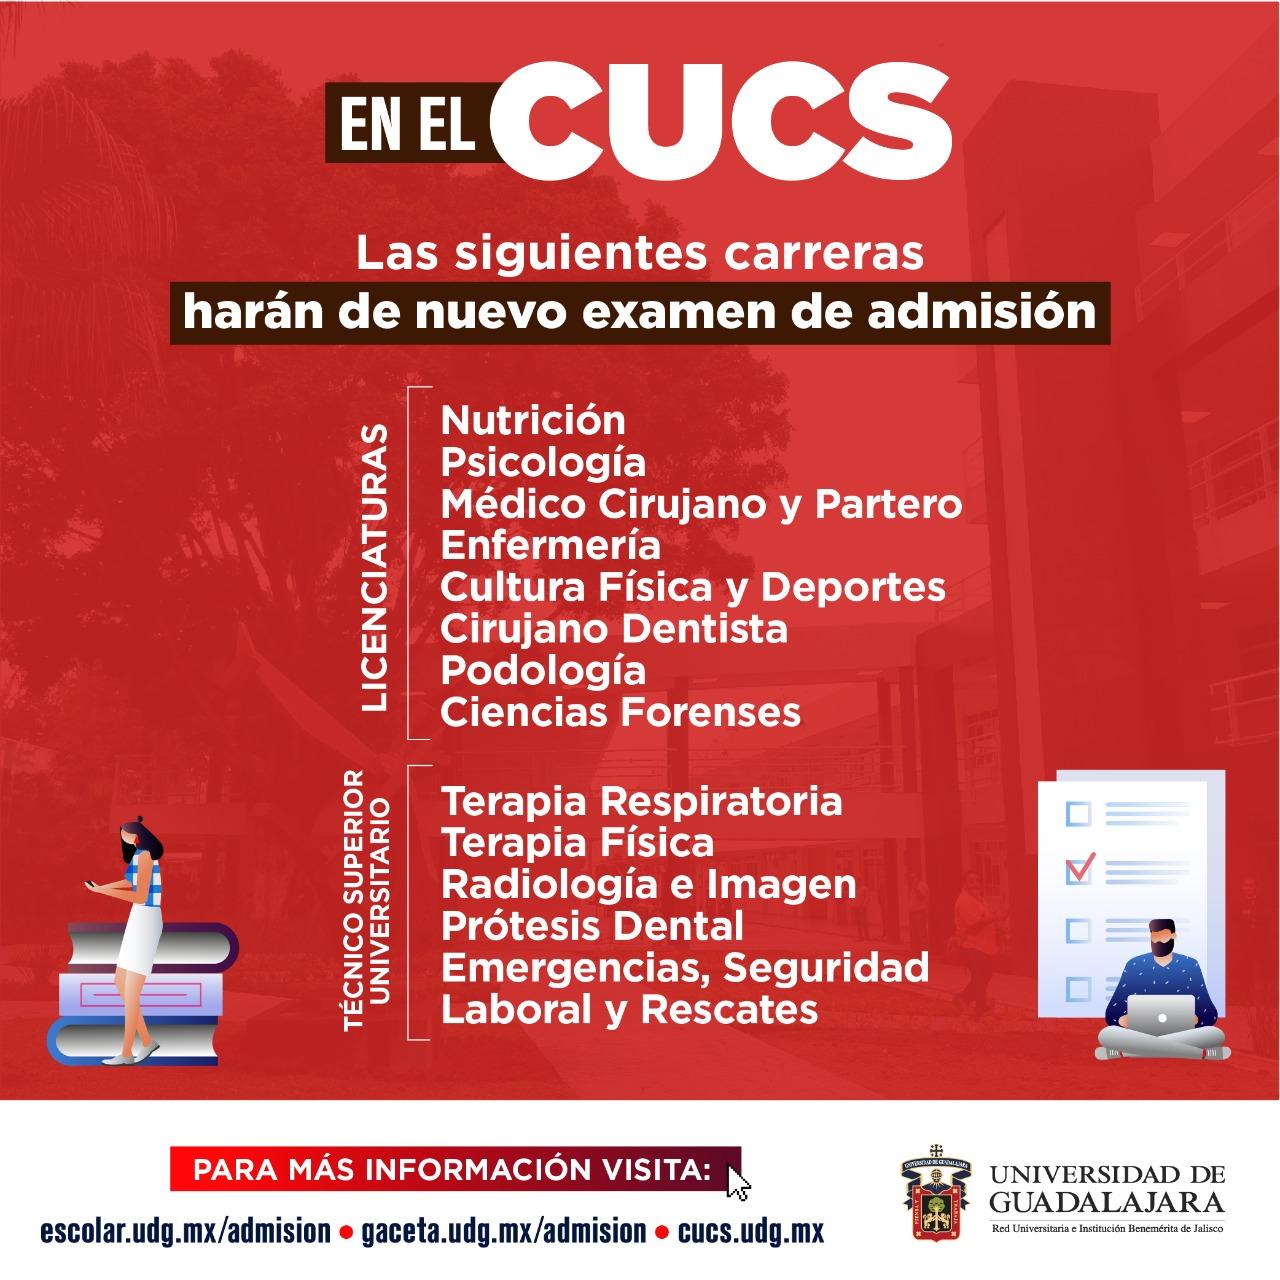 Imagen de las carreras del CUCS que deberán repetir examen de admisión